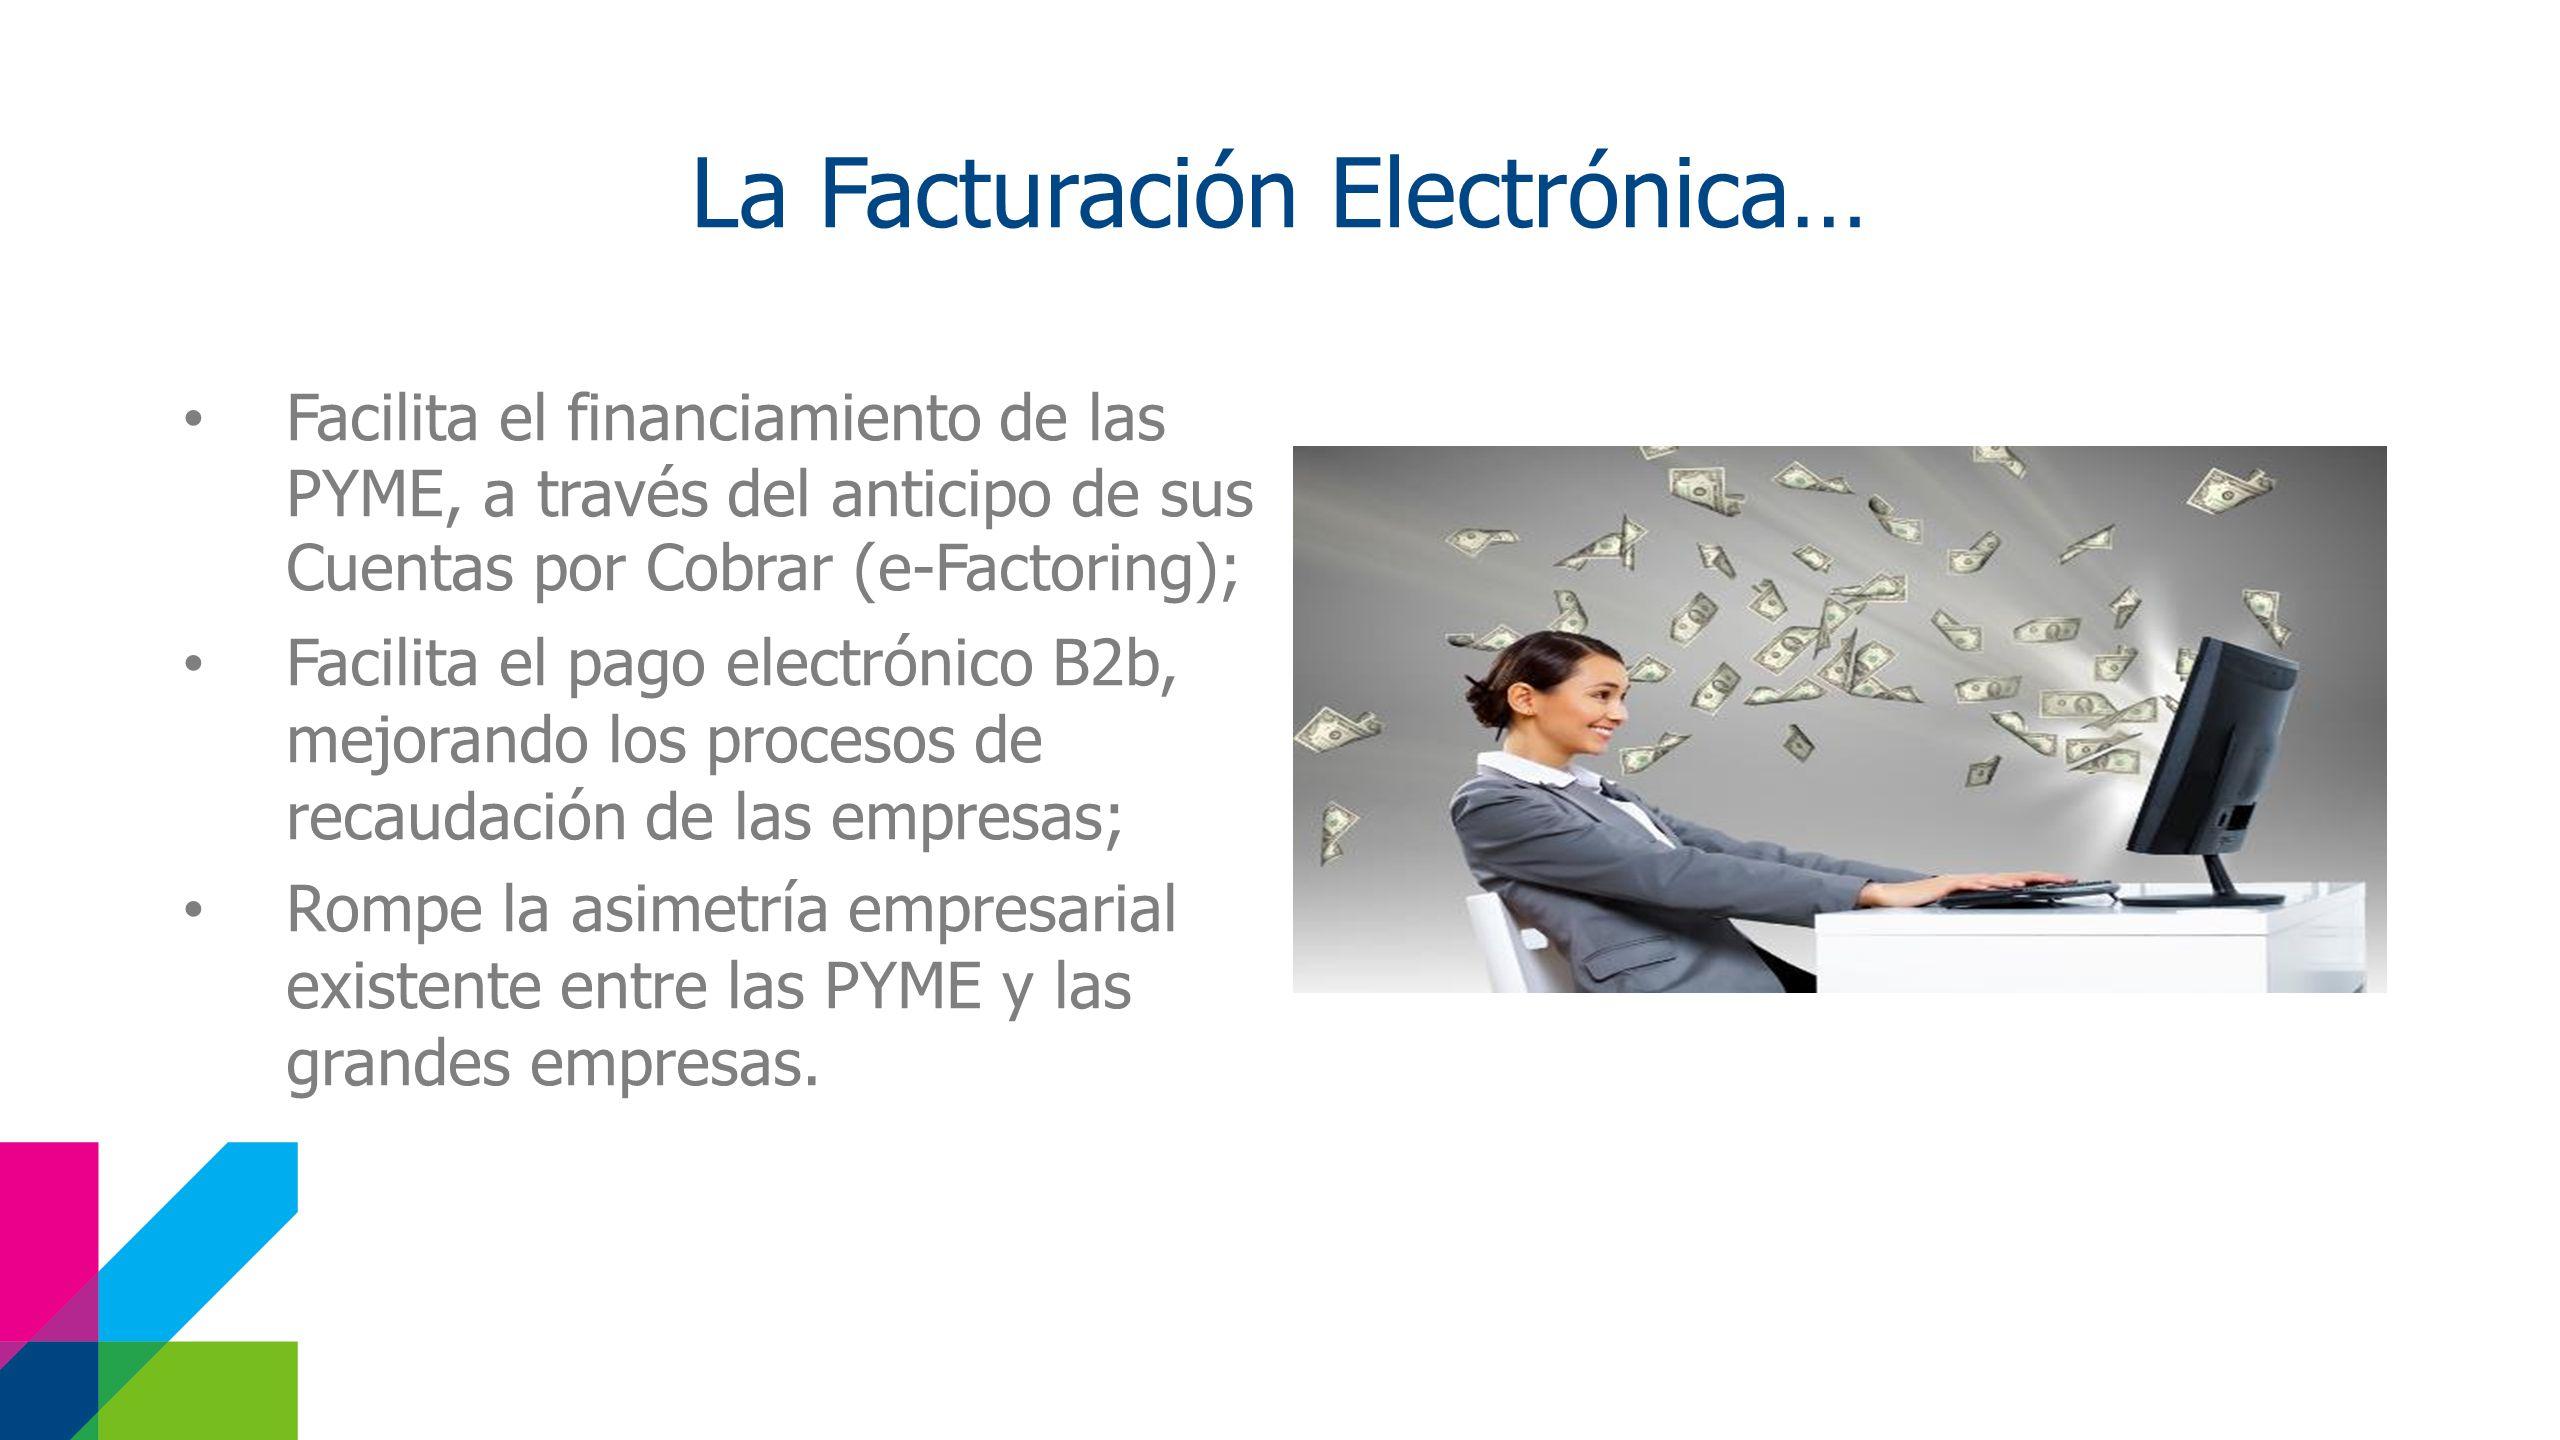 La Facturación Electrónica…